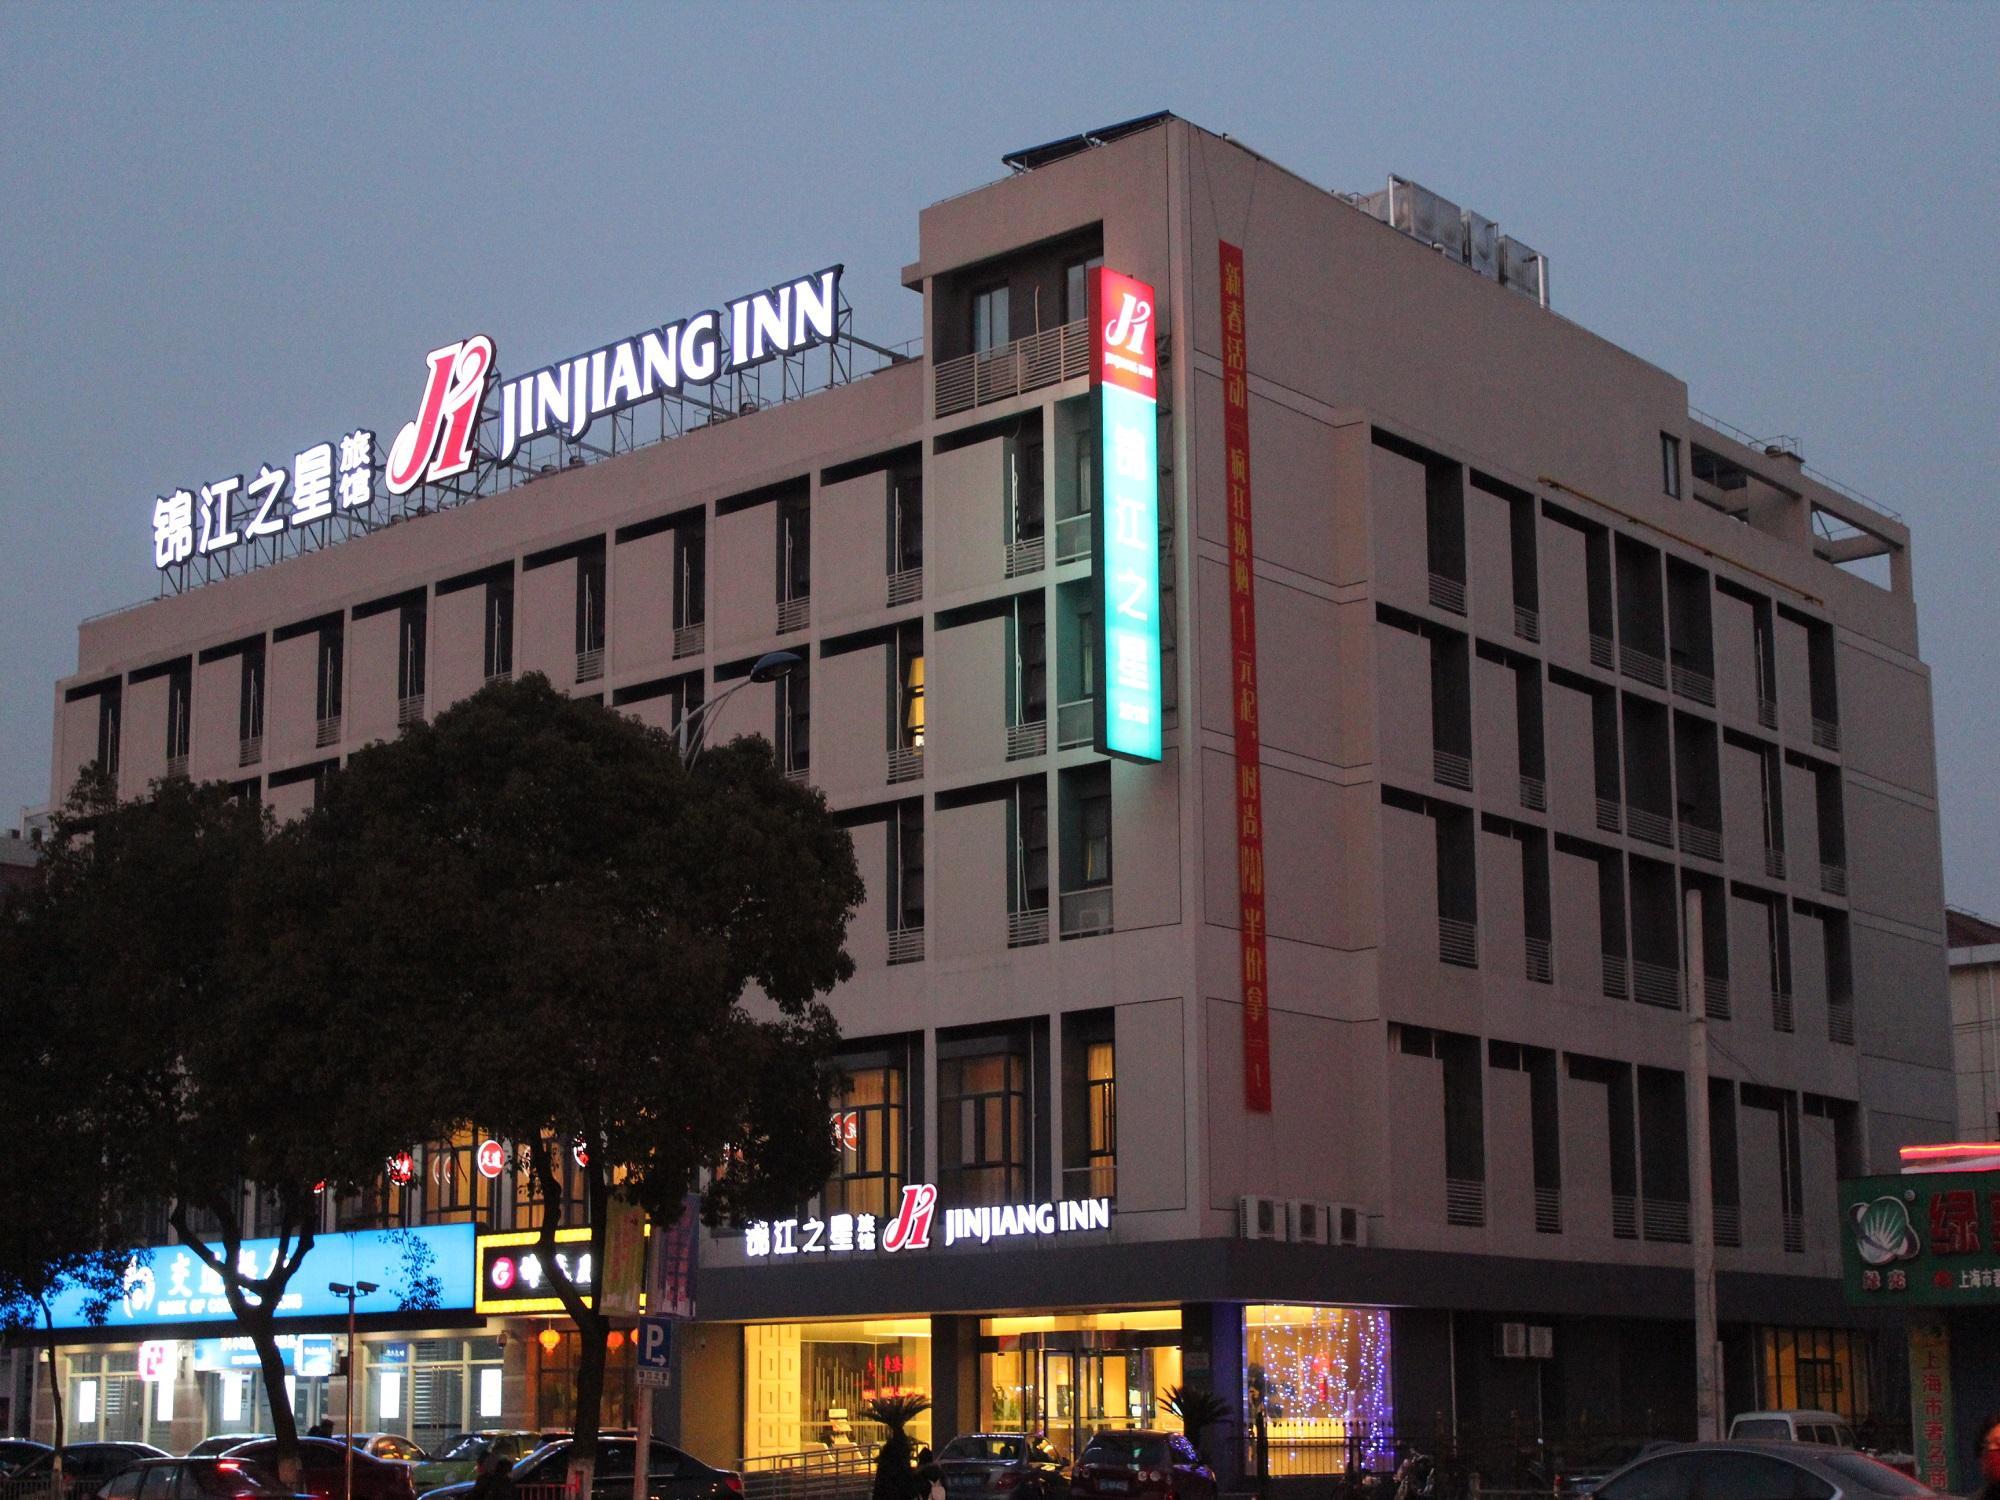 Jinjiang Inn Shanghai Pudong Huinan